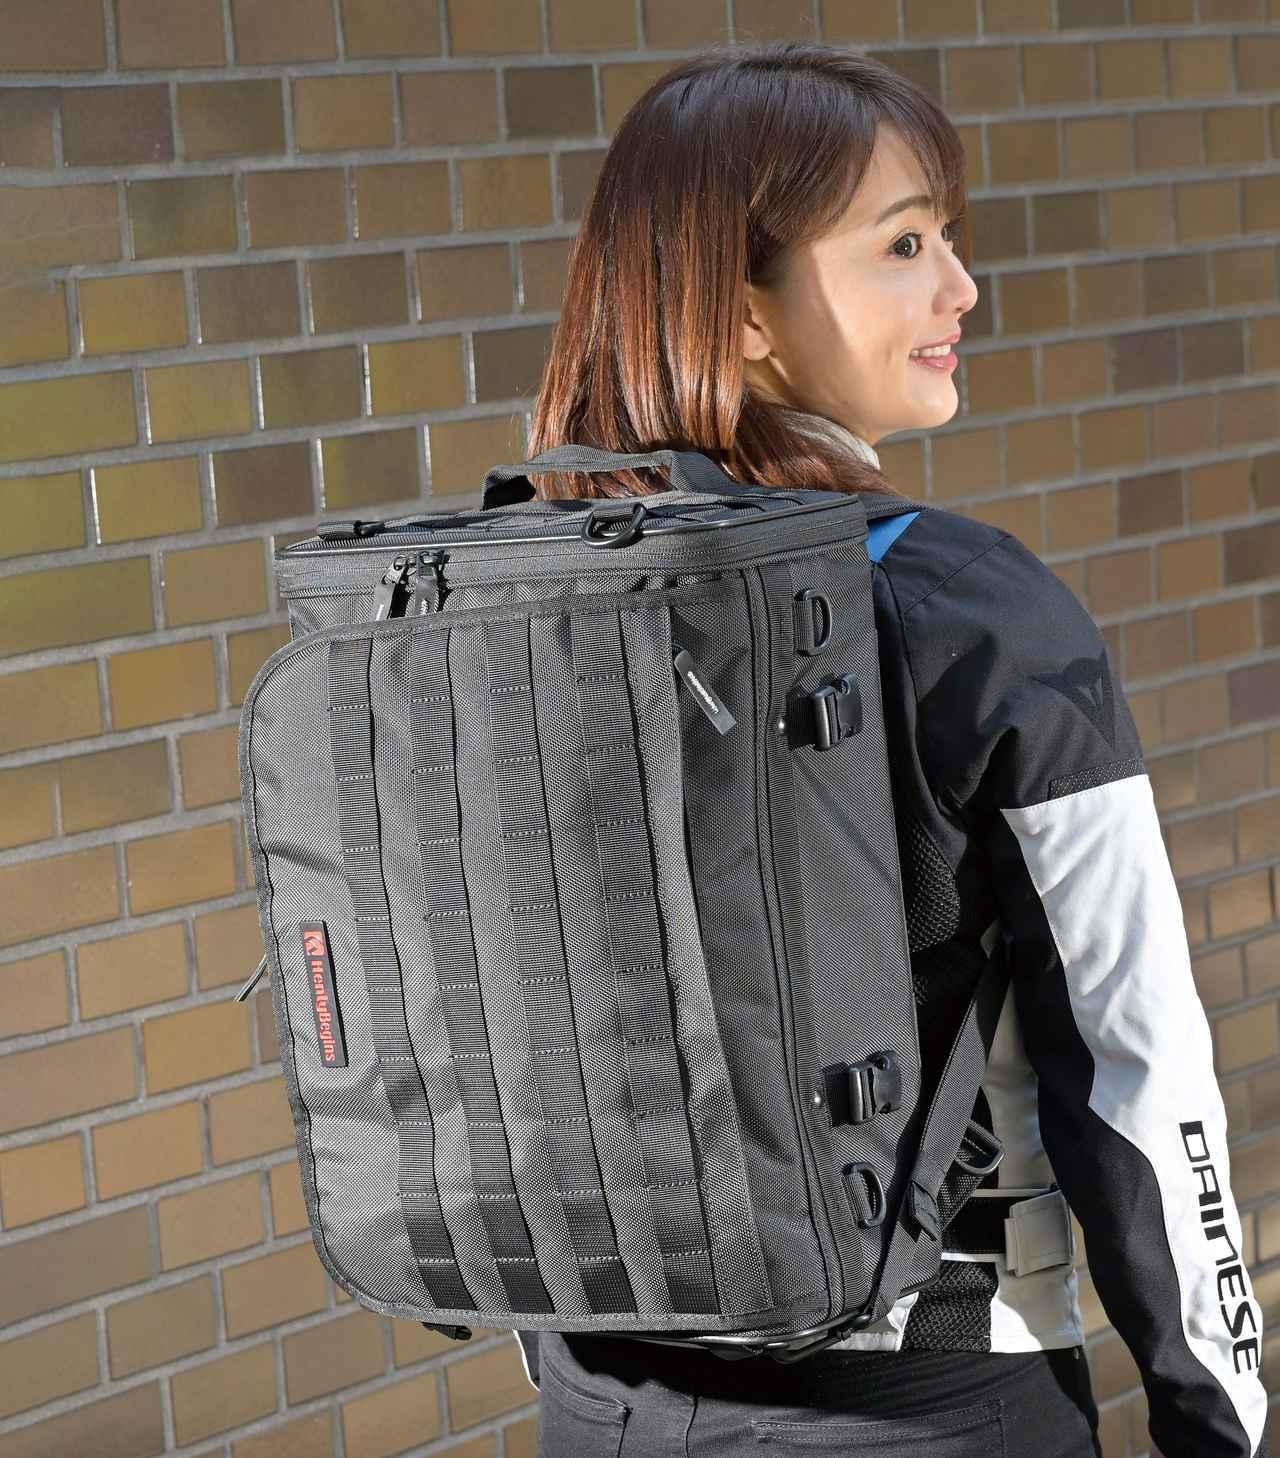 画像: 背負えば大きめの箱形バックパックに。体に掛かる負担を減らすため、バッグ背面には腰パッド、前側にはチェストベルトが装備されている。